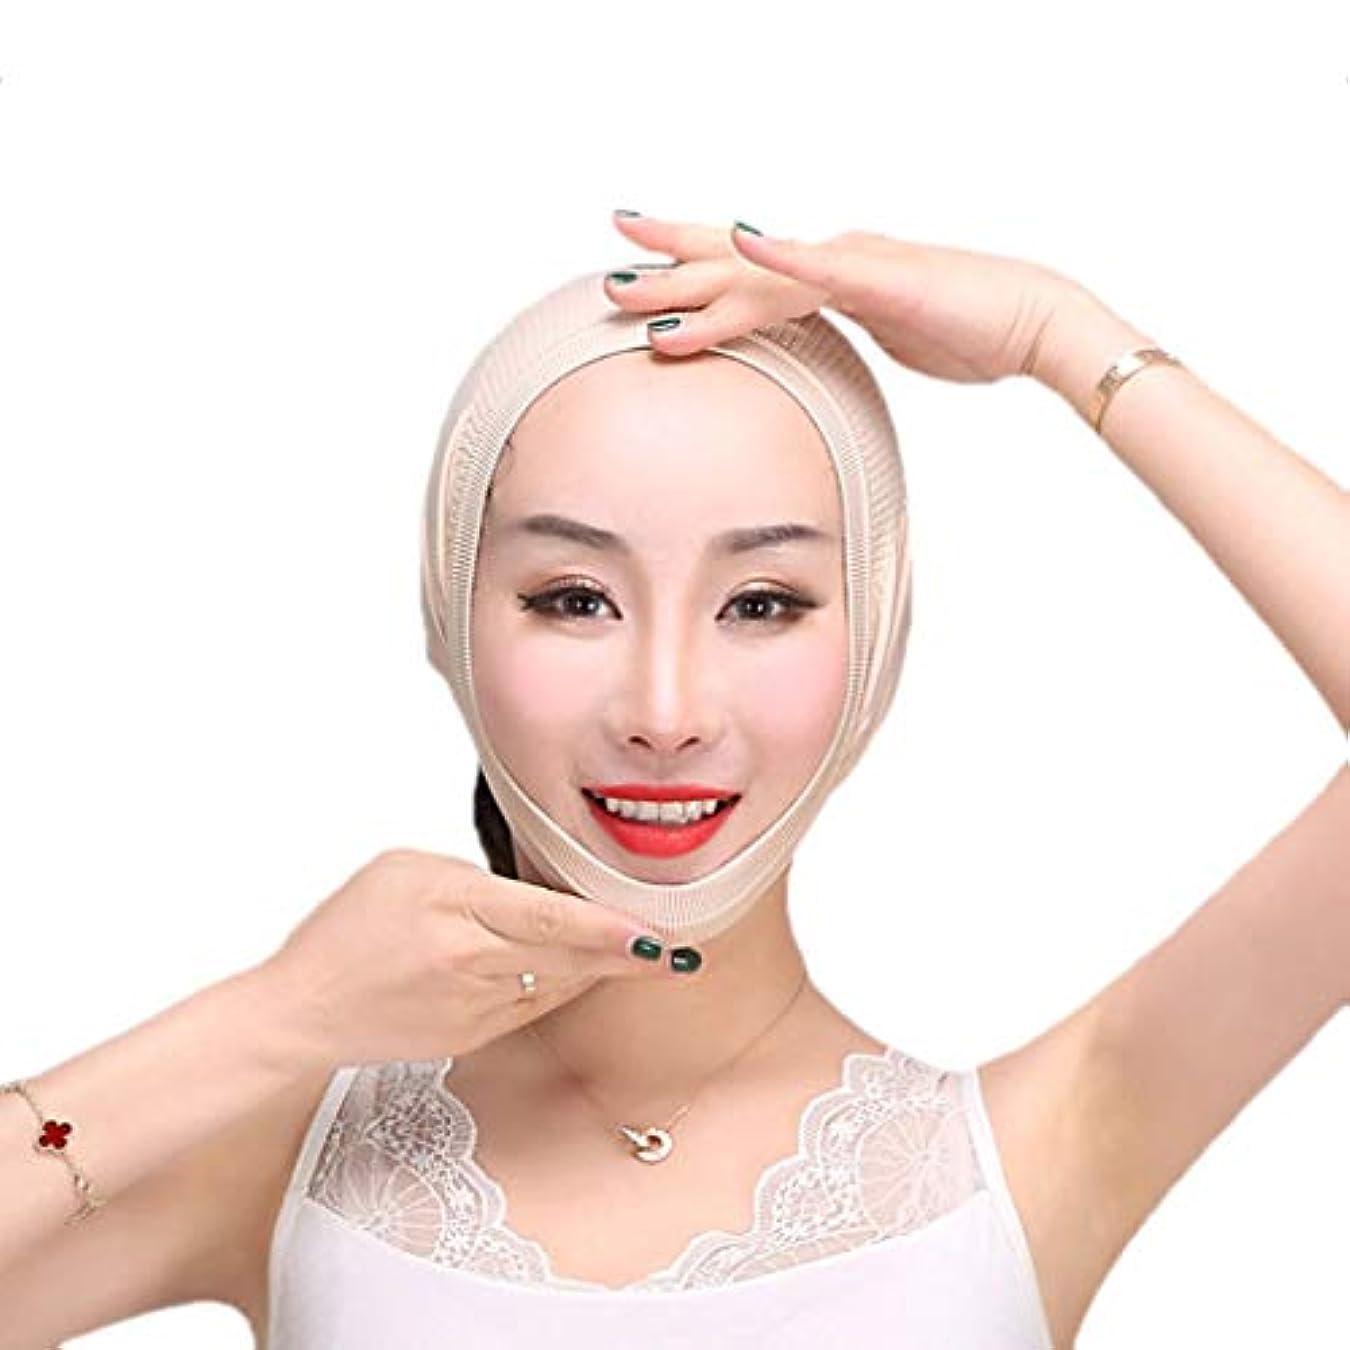 命令バルブ無視できるXHLMRMJ フェイスリフトマスク、フェイススリミングマスク、チンストラップ、フェイスマッサージ、フェイシャル減量マスク、チンリフティングベルト(ワンサイズ)